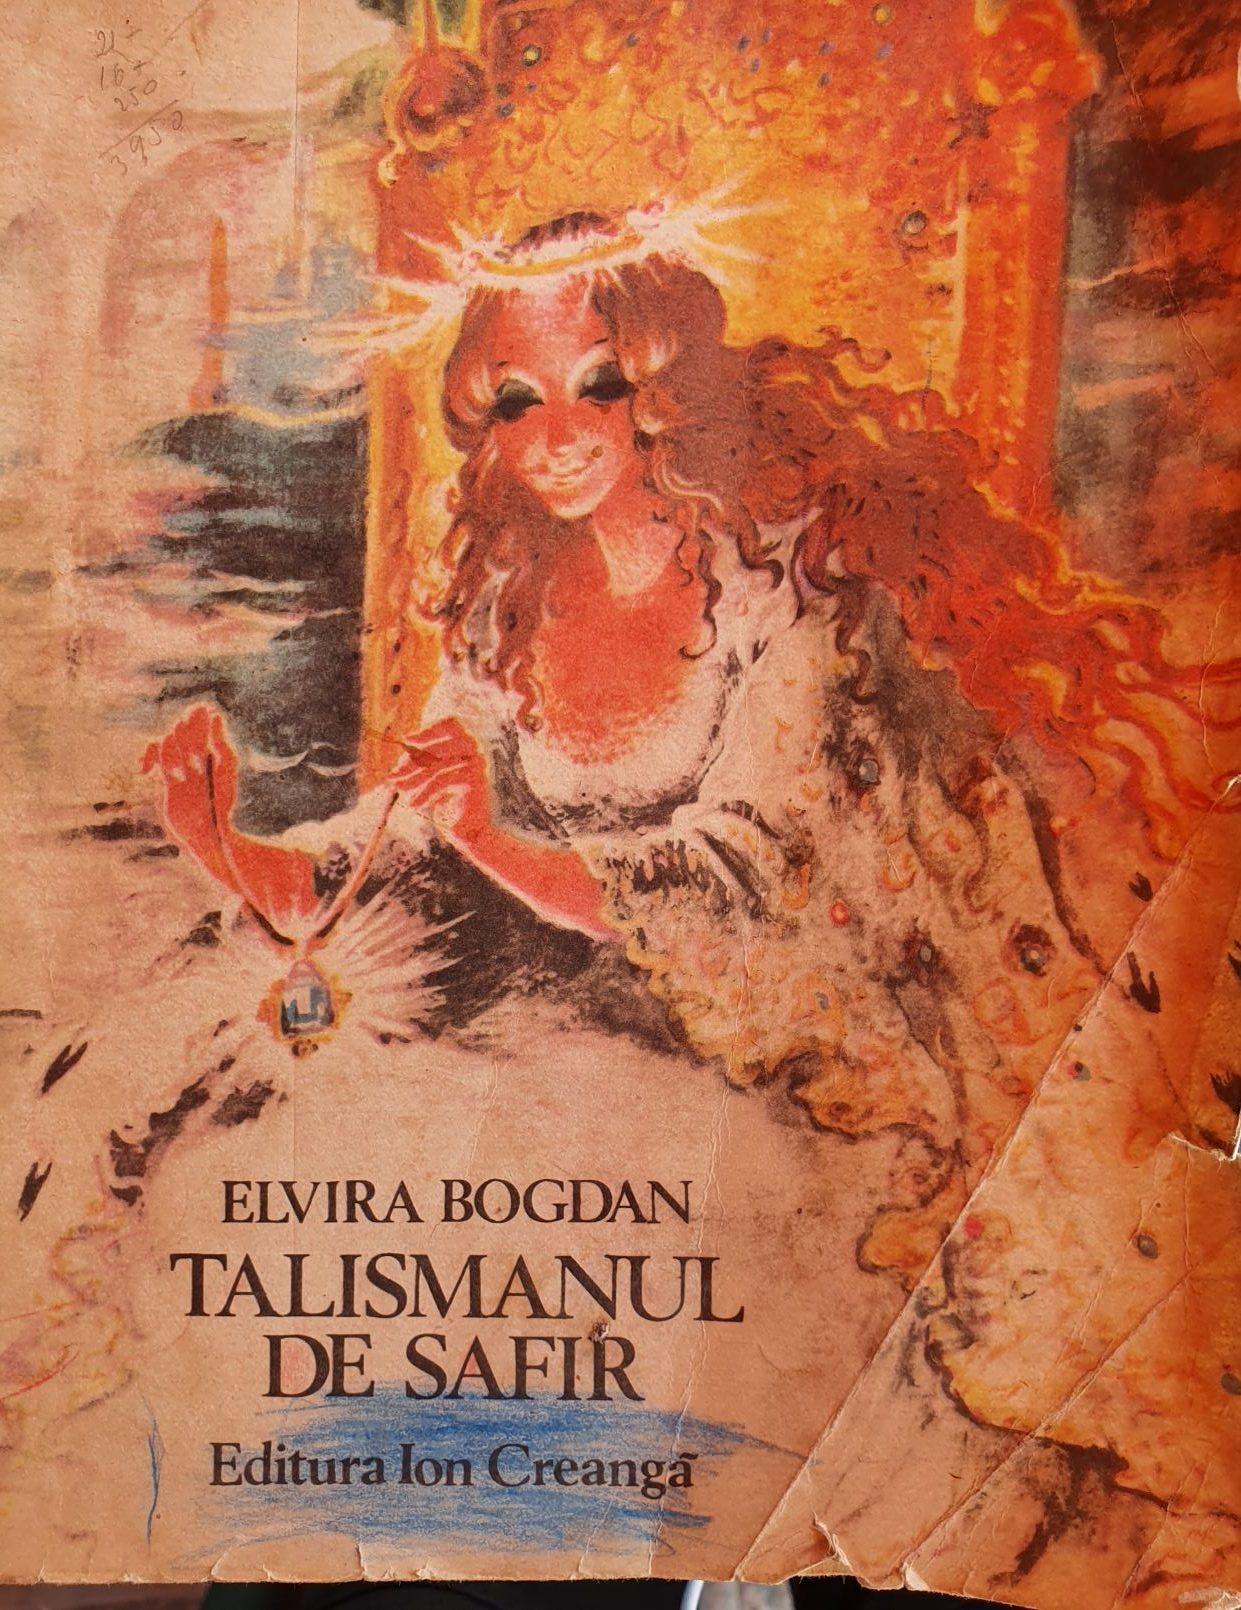 Talismanul de safir de Elvira Bogdan, cap al 3-lea – Cerbul